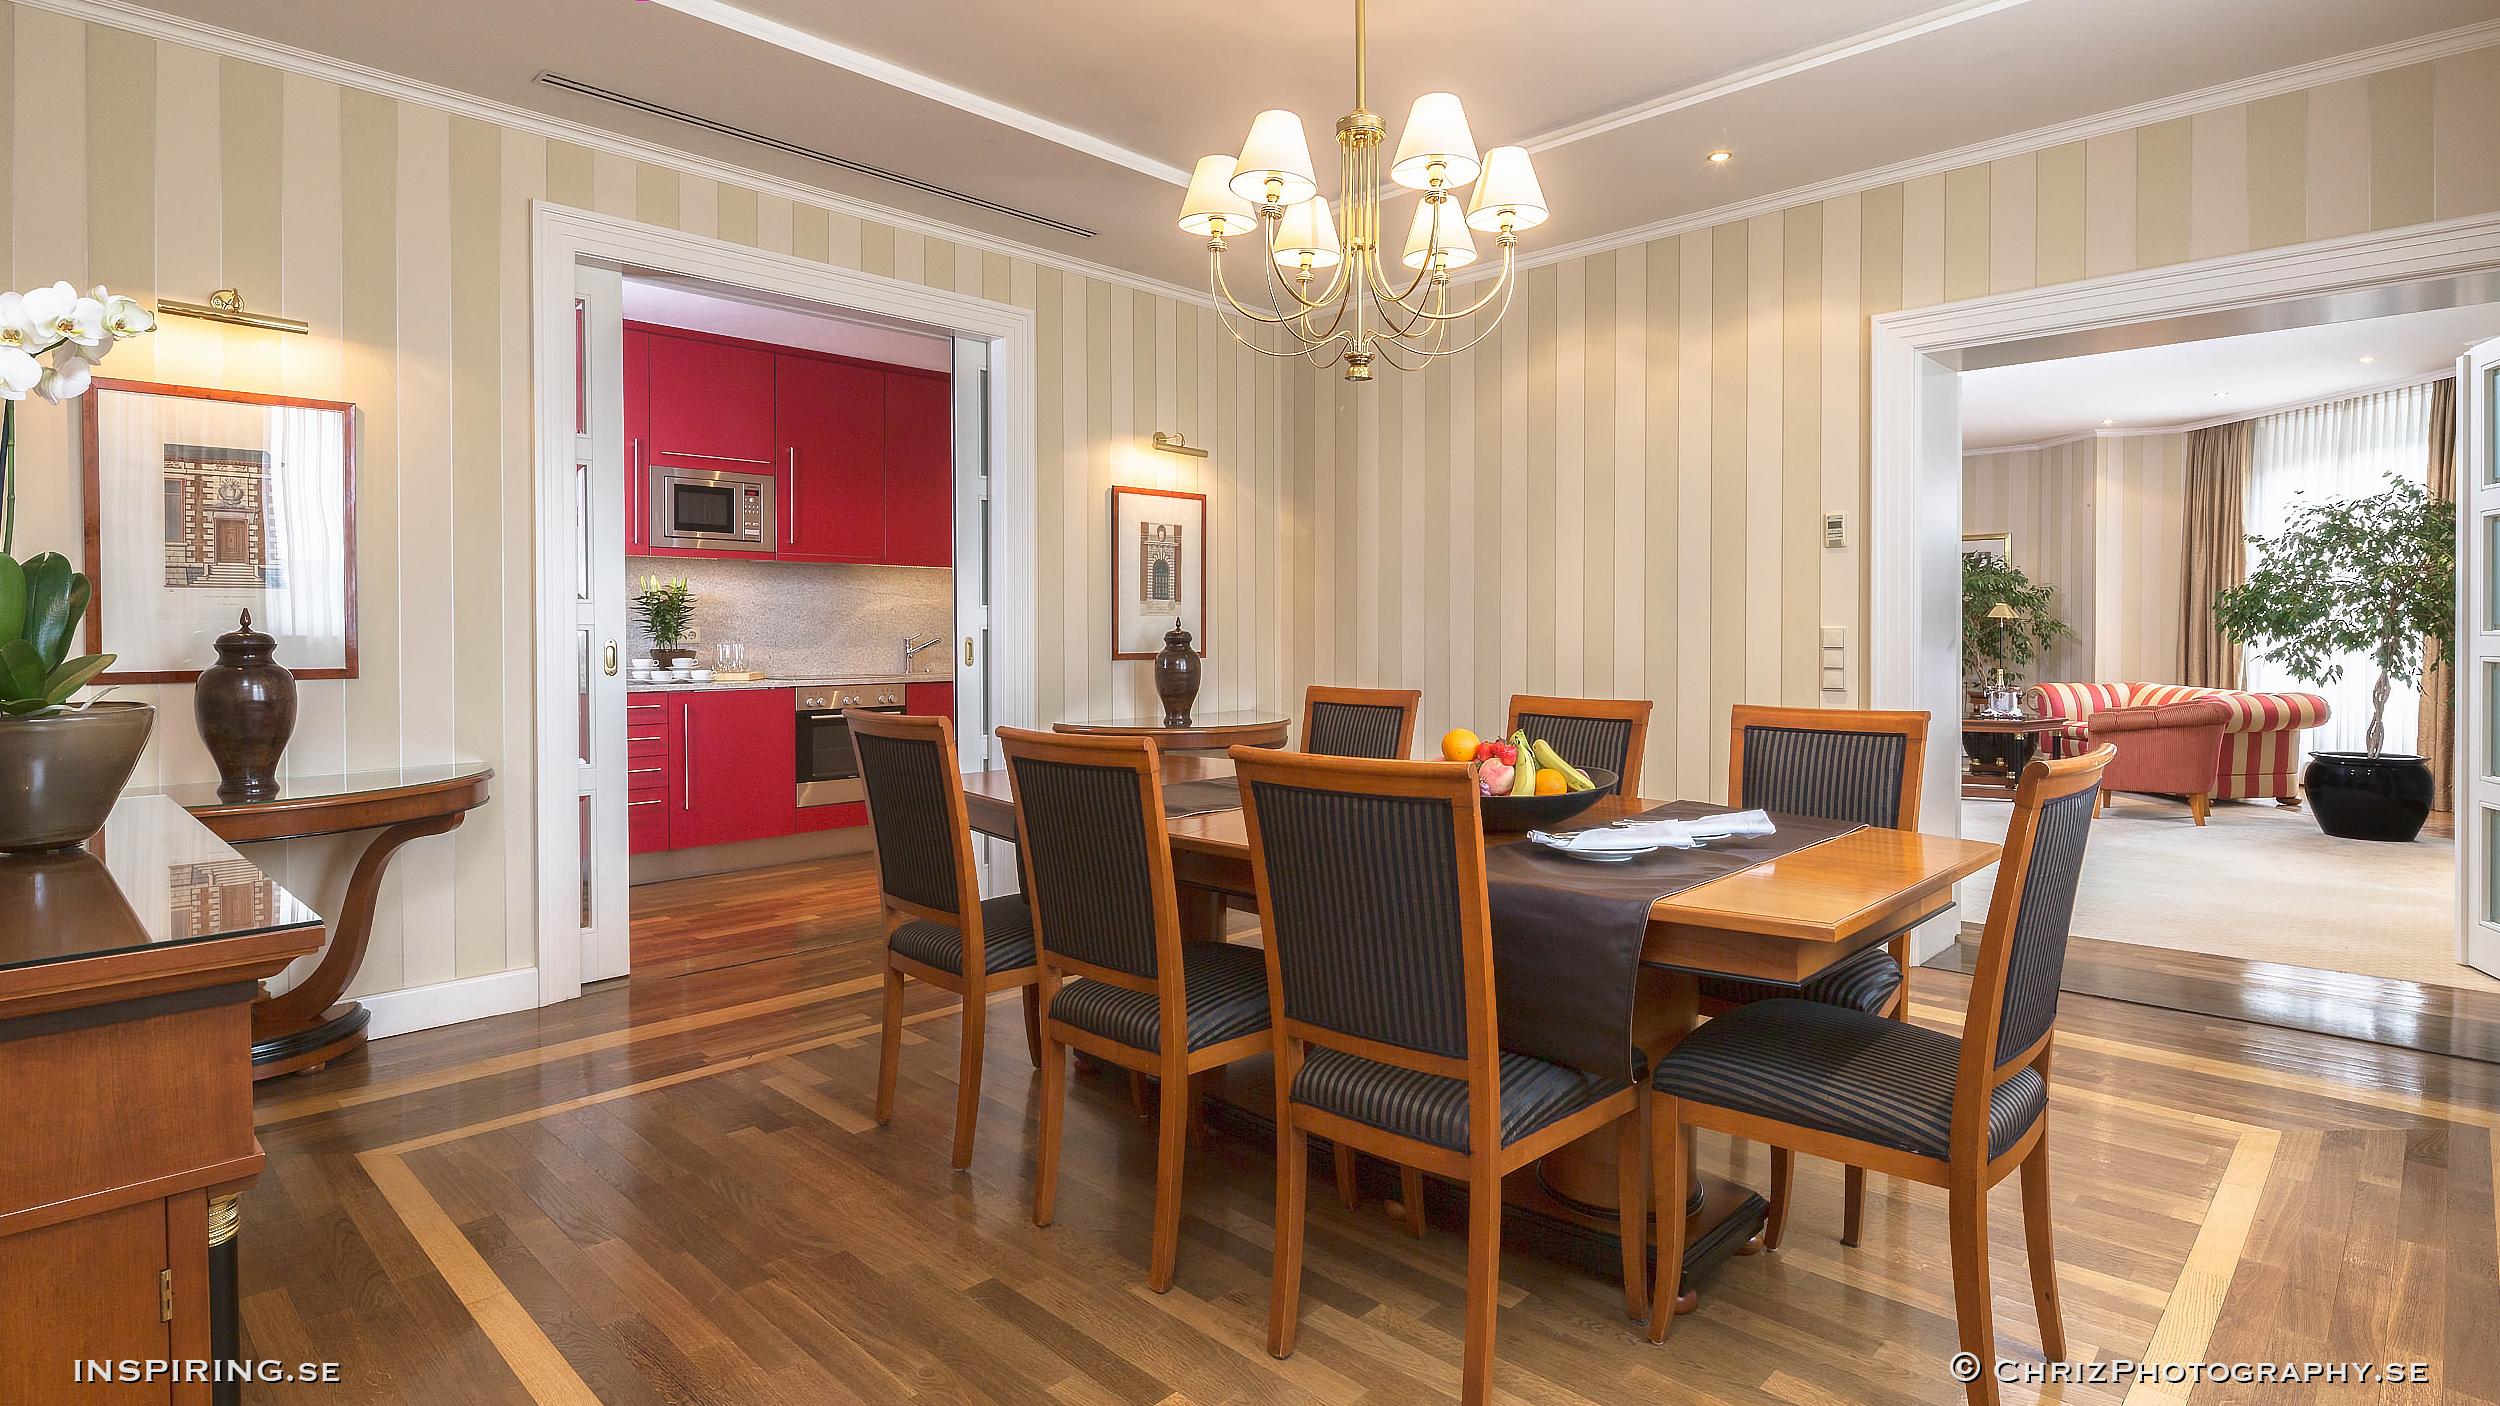 Hotel_Nassauer_Hof_Inspiring.se_copyright_ChrizPhotography.se_2.jpg